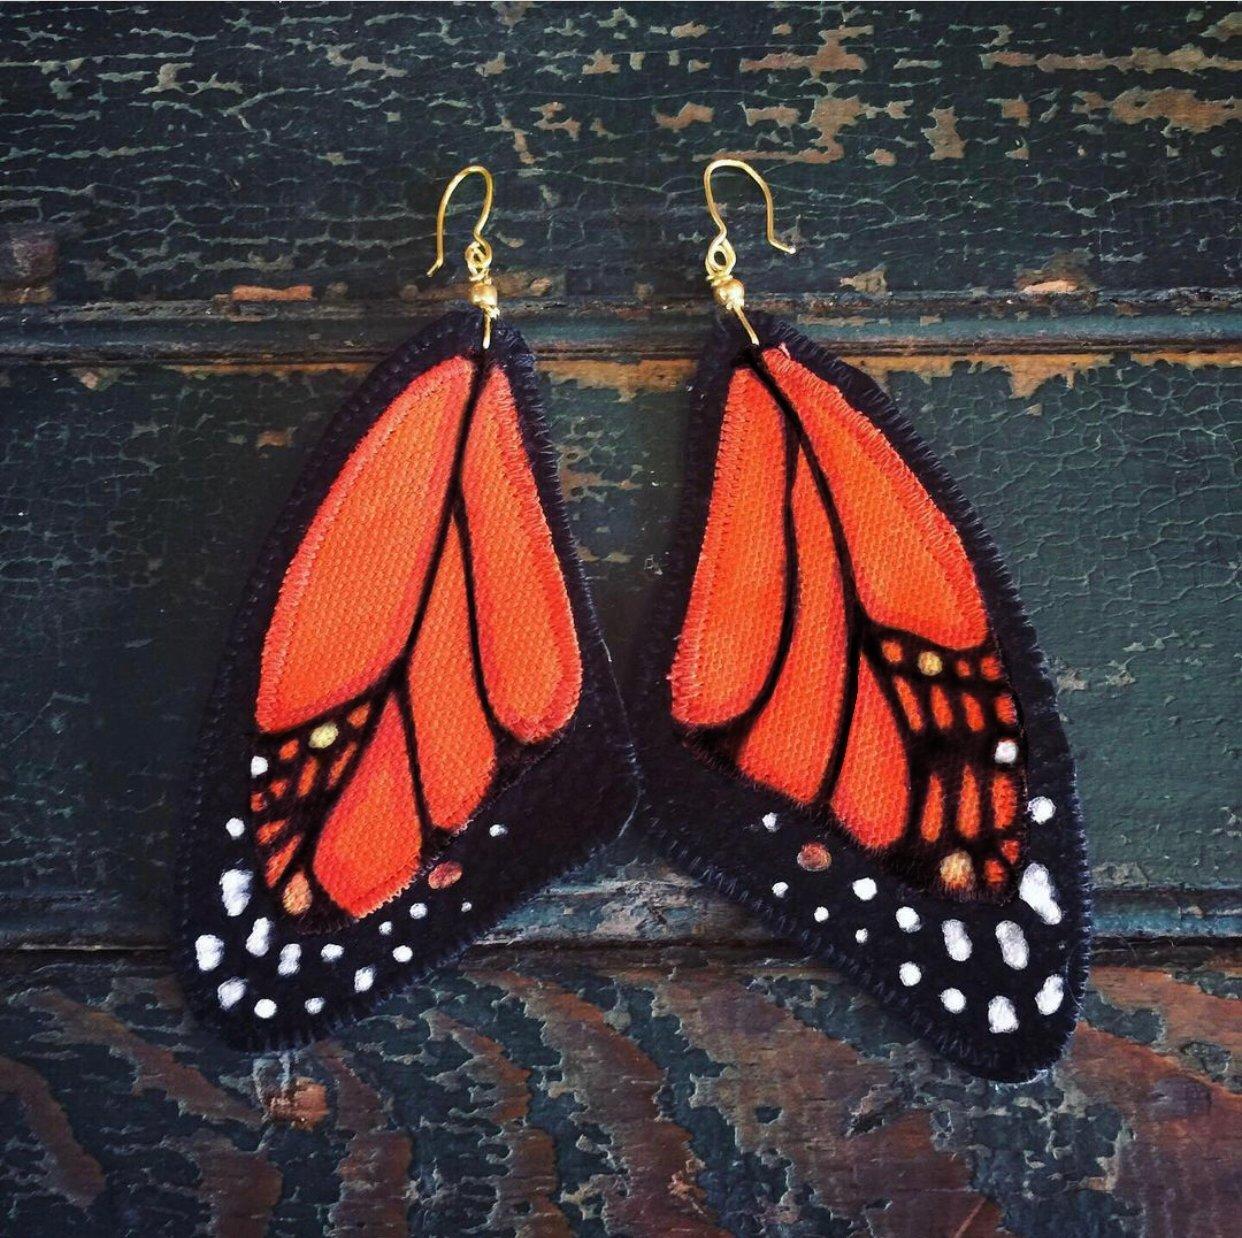 Image of Monarch Butterfly earrings